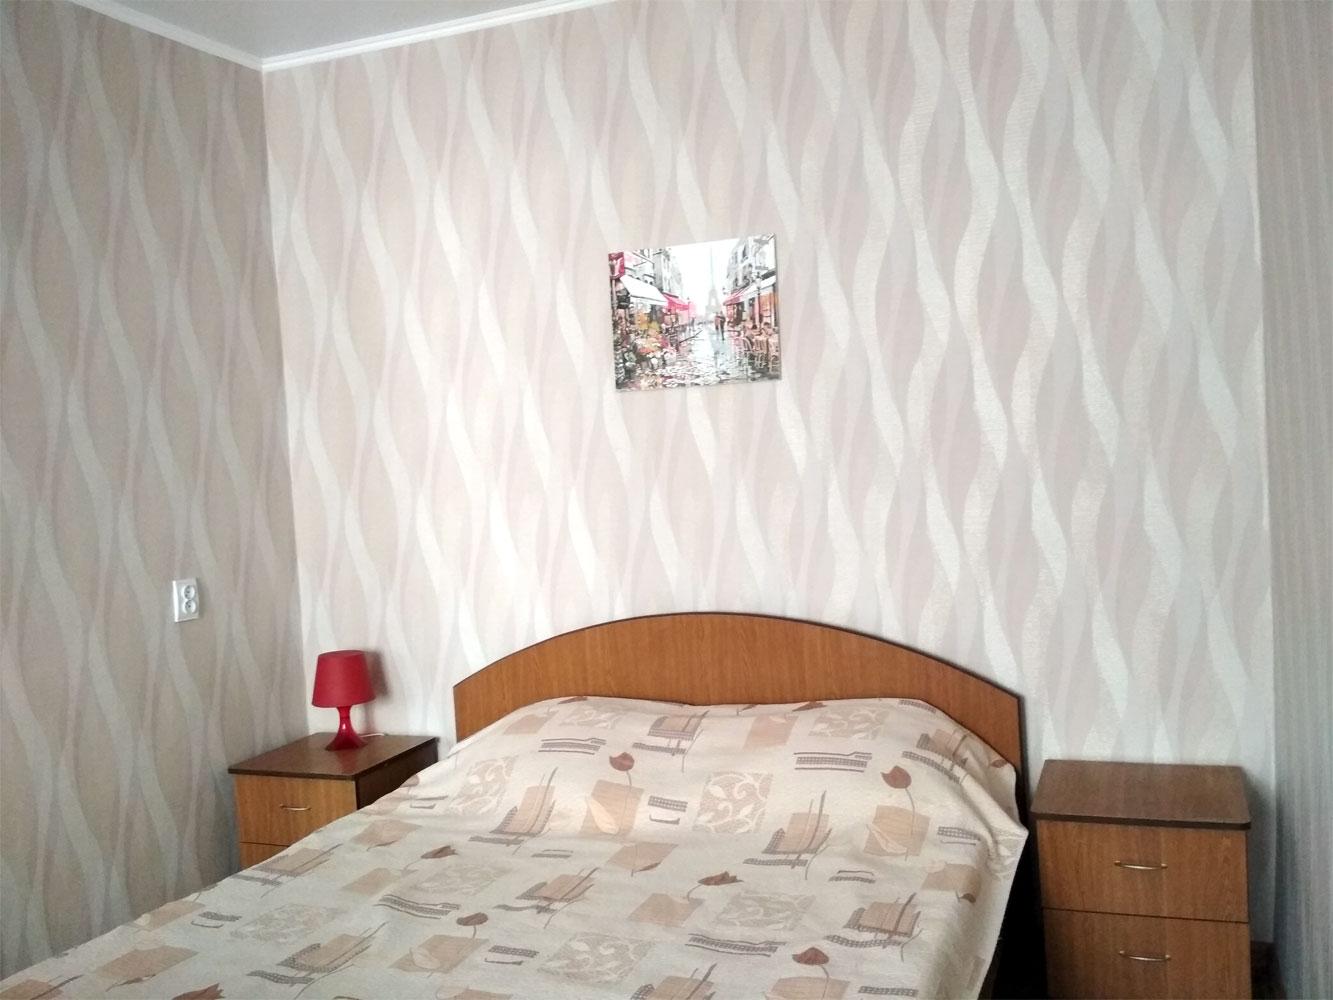 частная гостиница в Таганроге